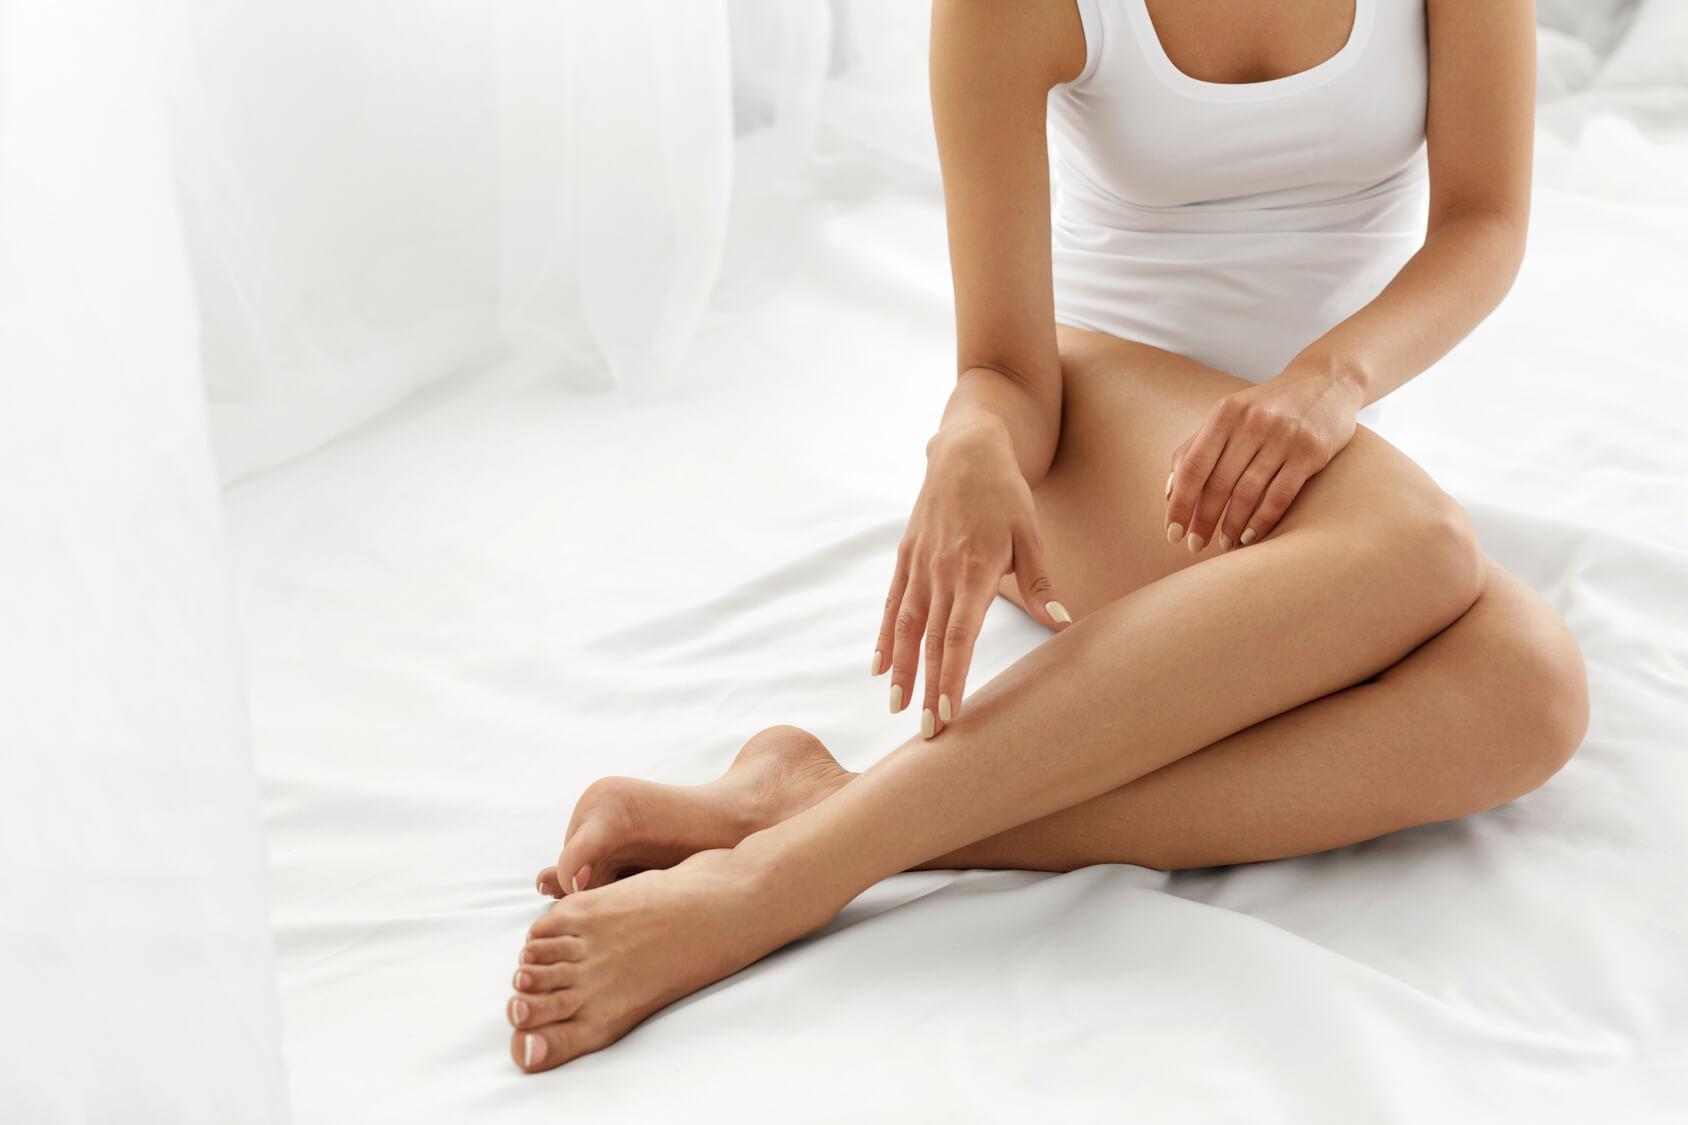 kobieta siedząca na łóżku zbiałą pościelą dotykająca swoich nóg